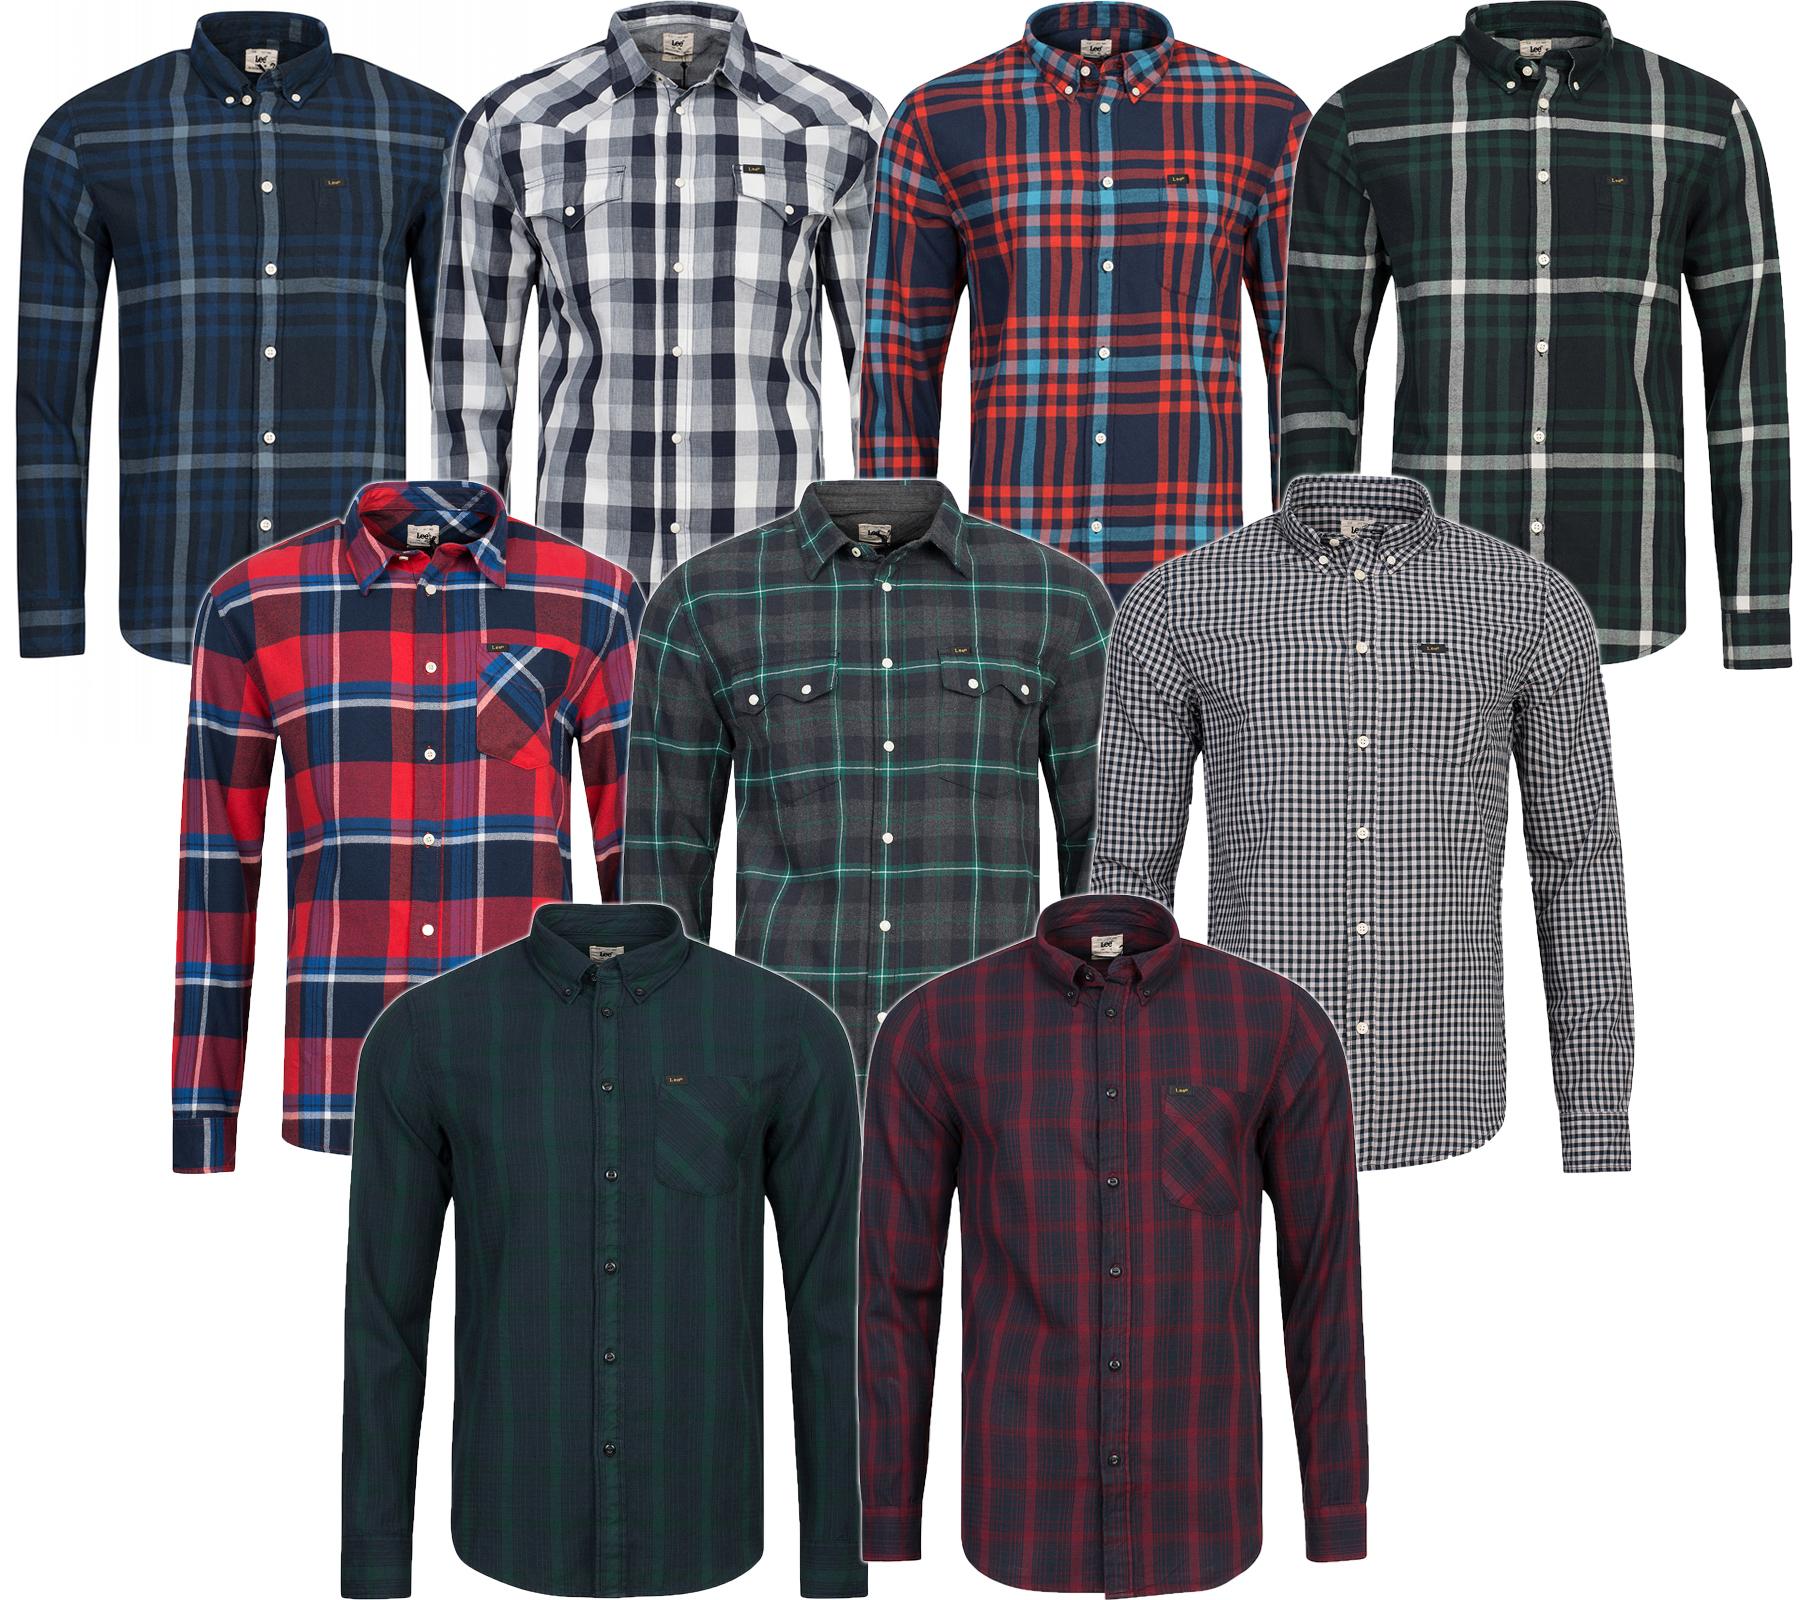 Lee Button-Down Karo-Hemd für 9,99€ @outlet46